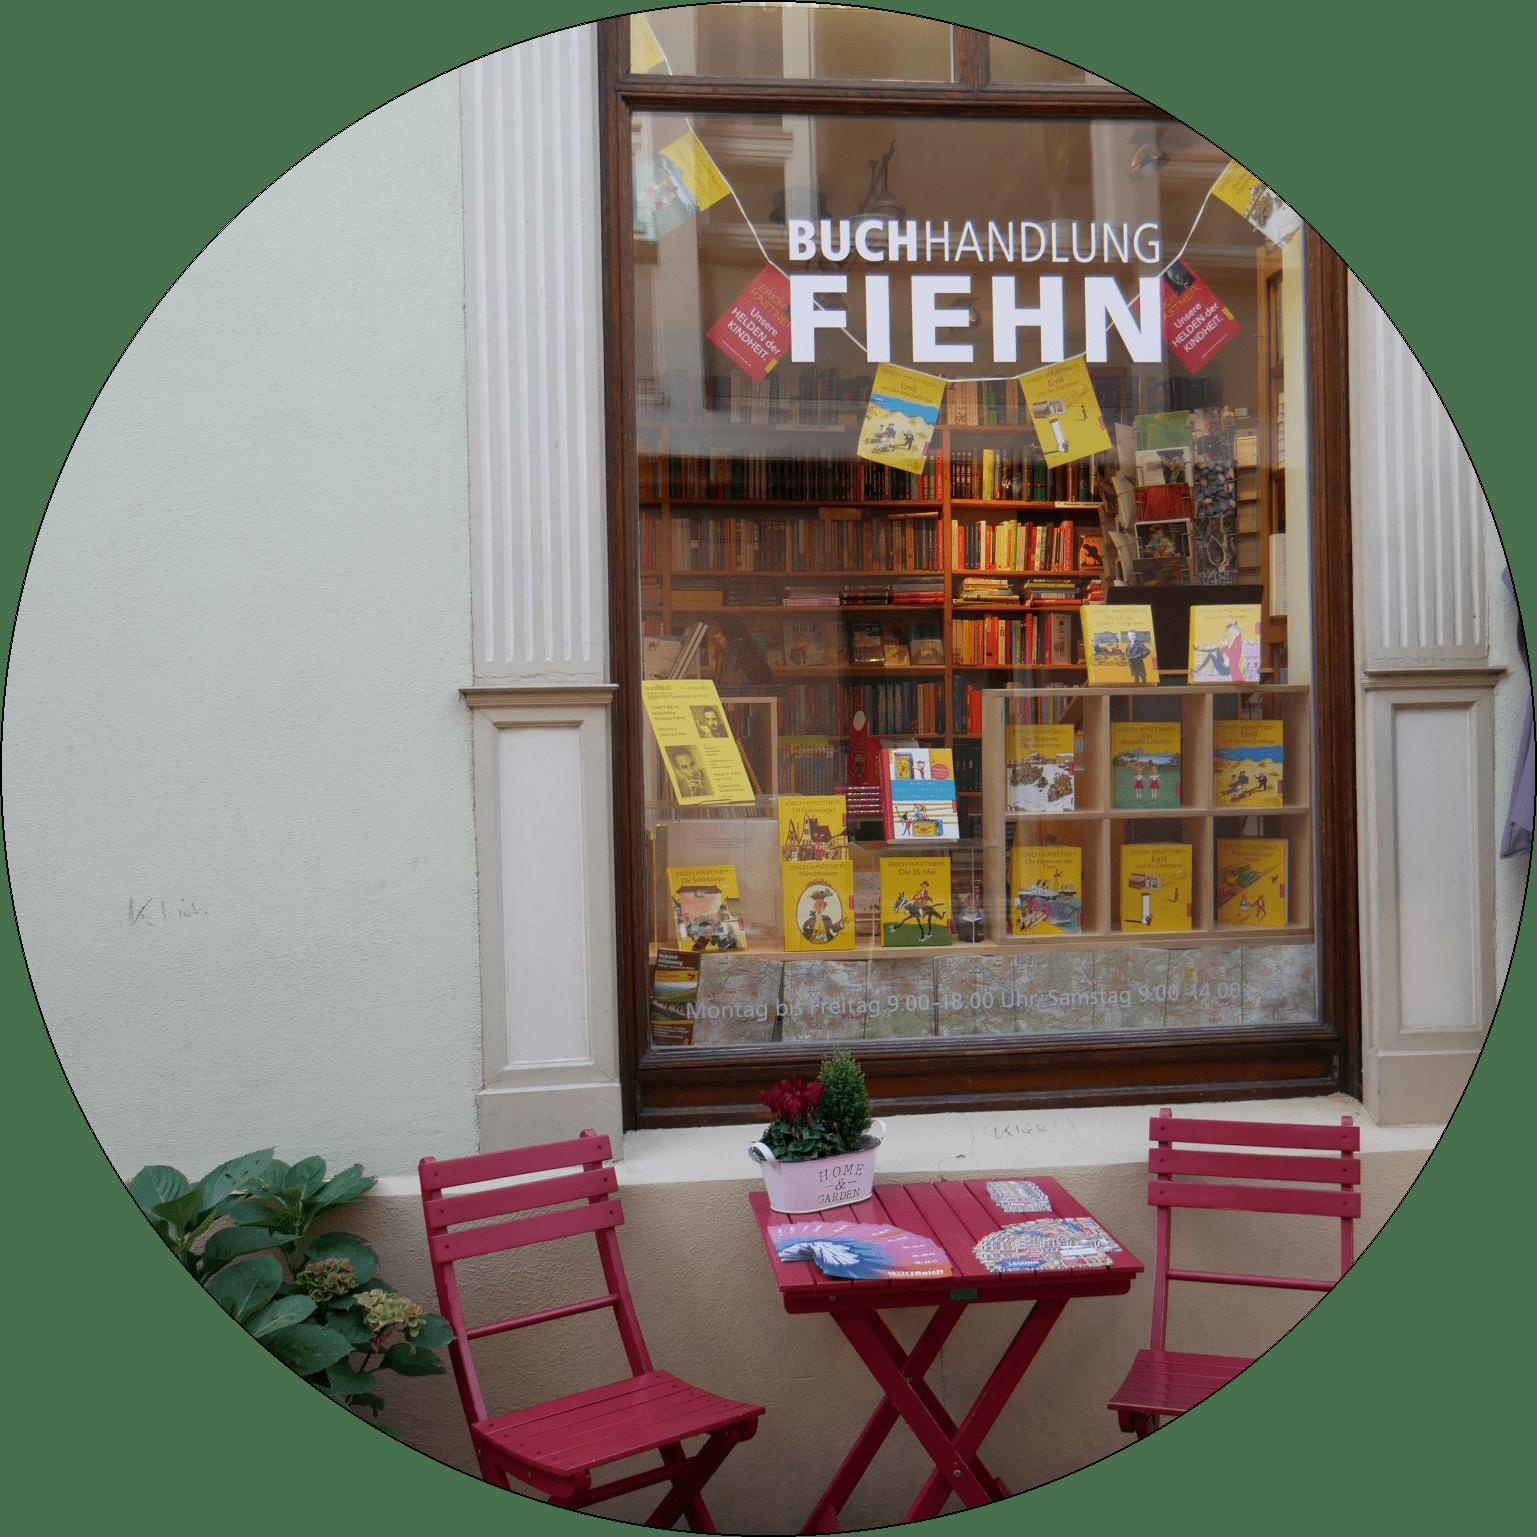 Buchhandlung Fiehn